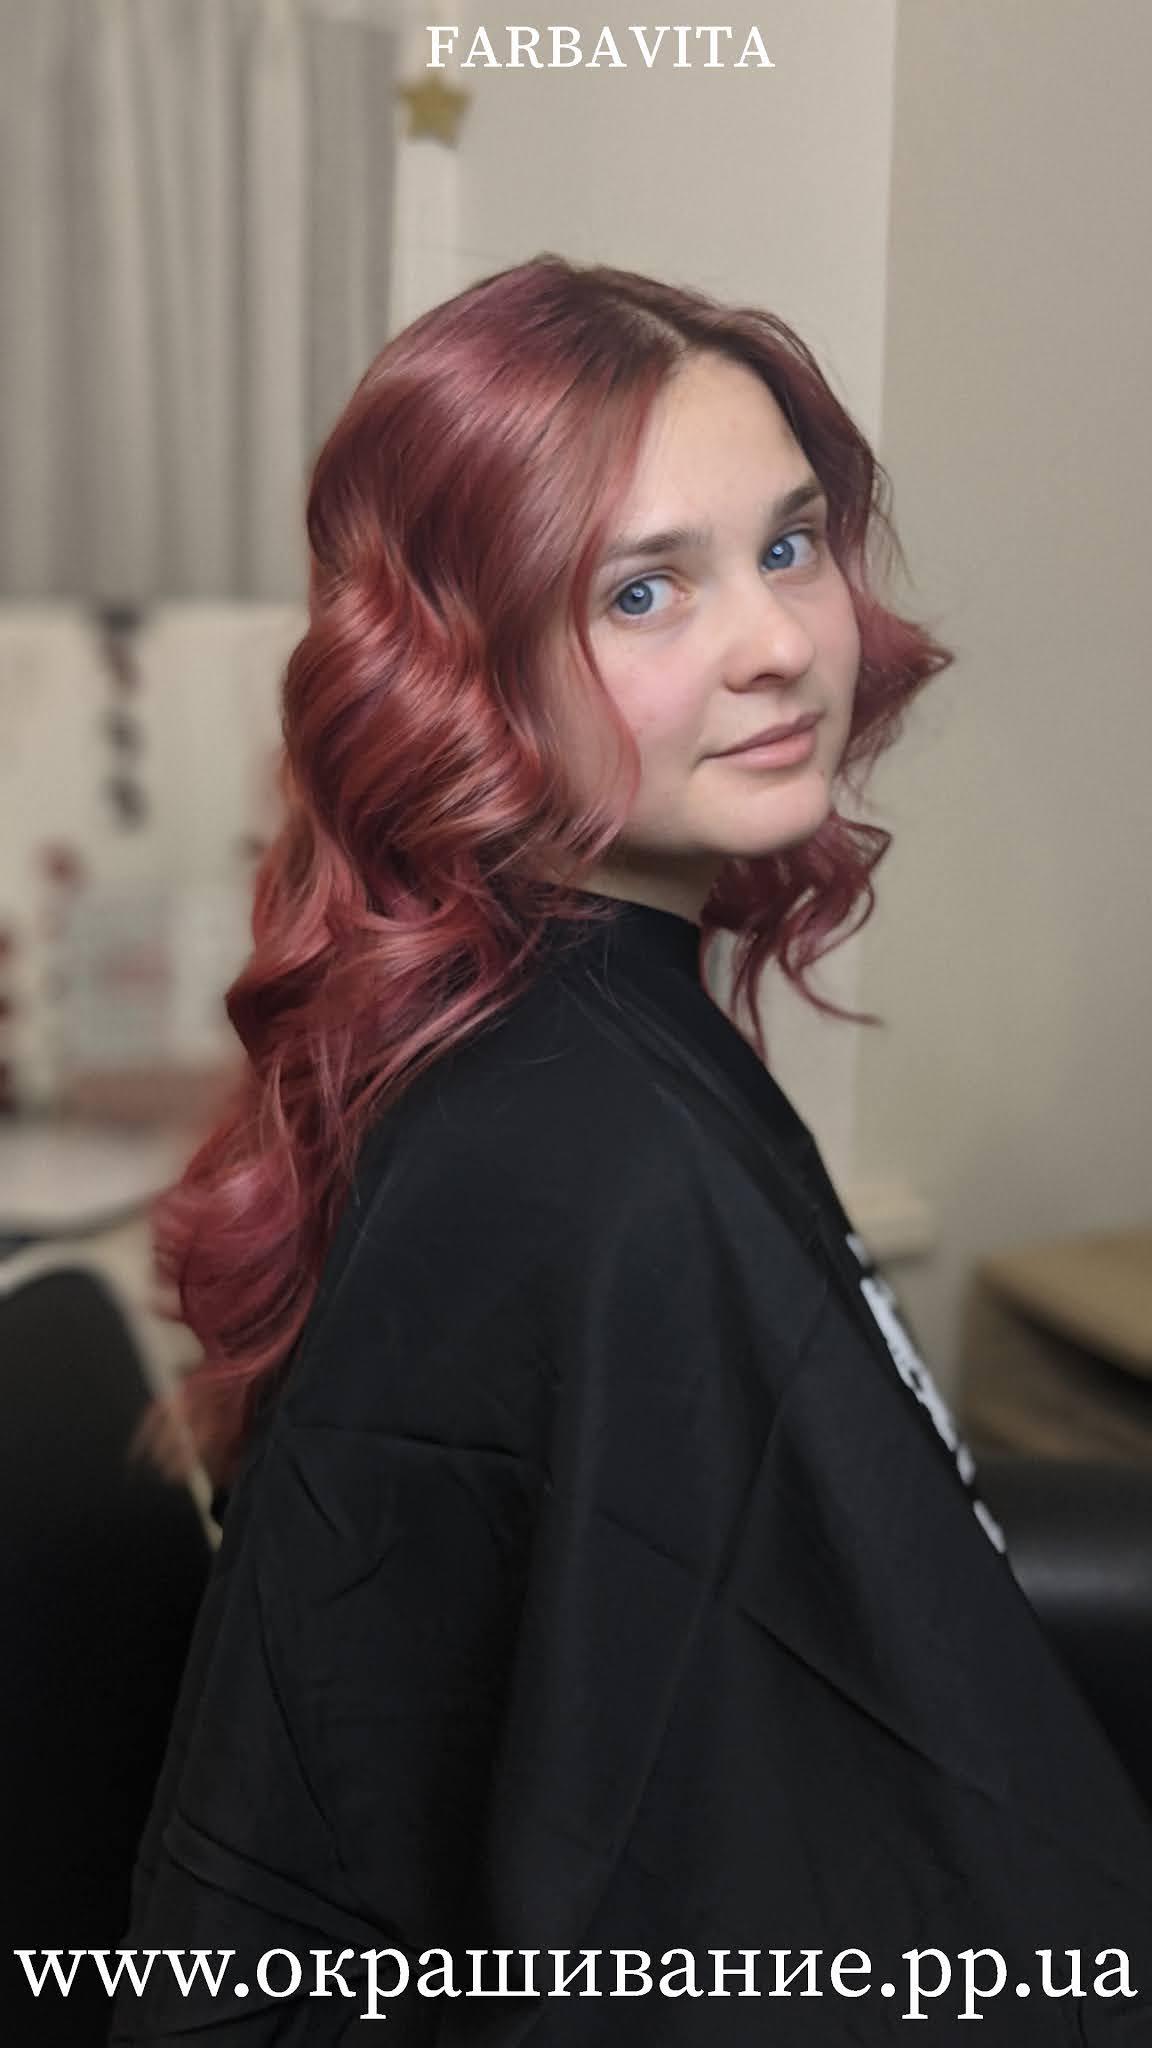 Окрашивание в розово-лиловый цвет волос